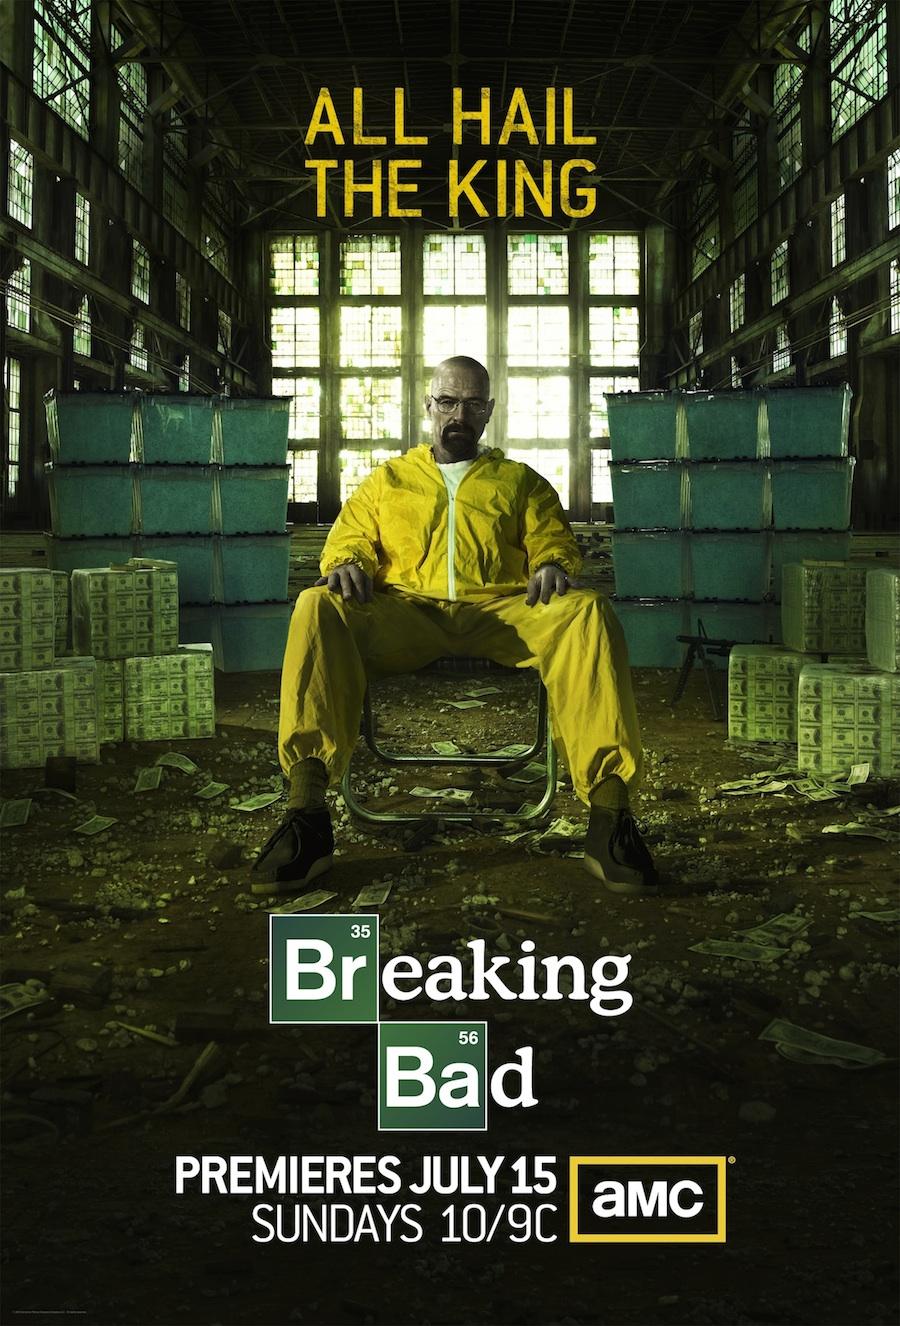 Breaking Bad Season 5 Premiere Date